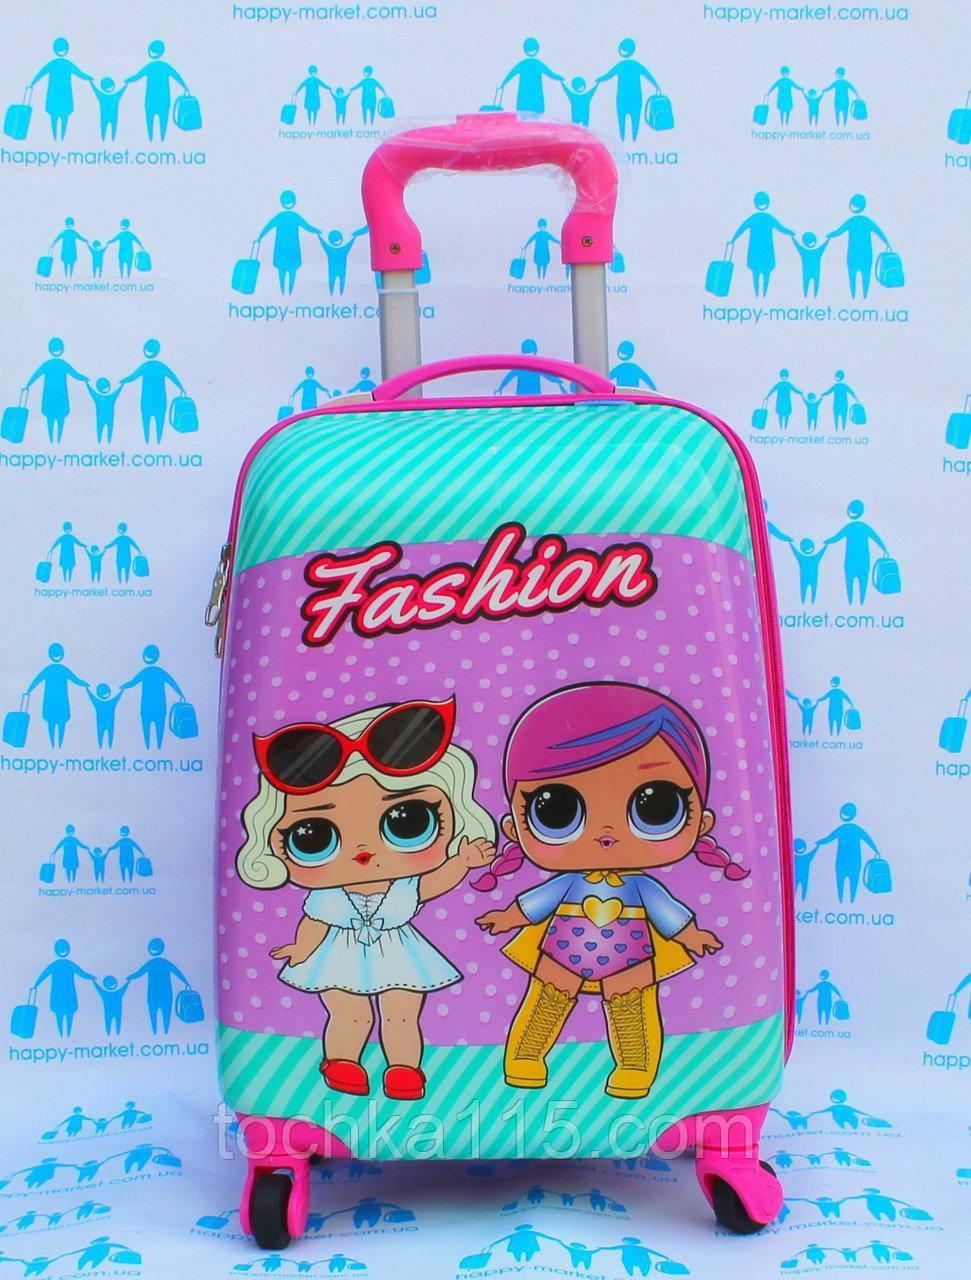 """Детский пластиковый чемодан на колесах  """"Лол"""" ручная кладь, дитячі чемодани, дитячі валізи"""